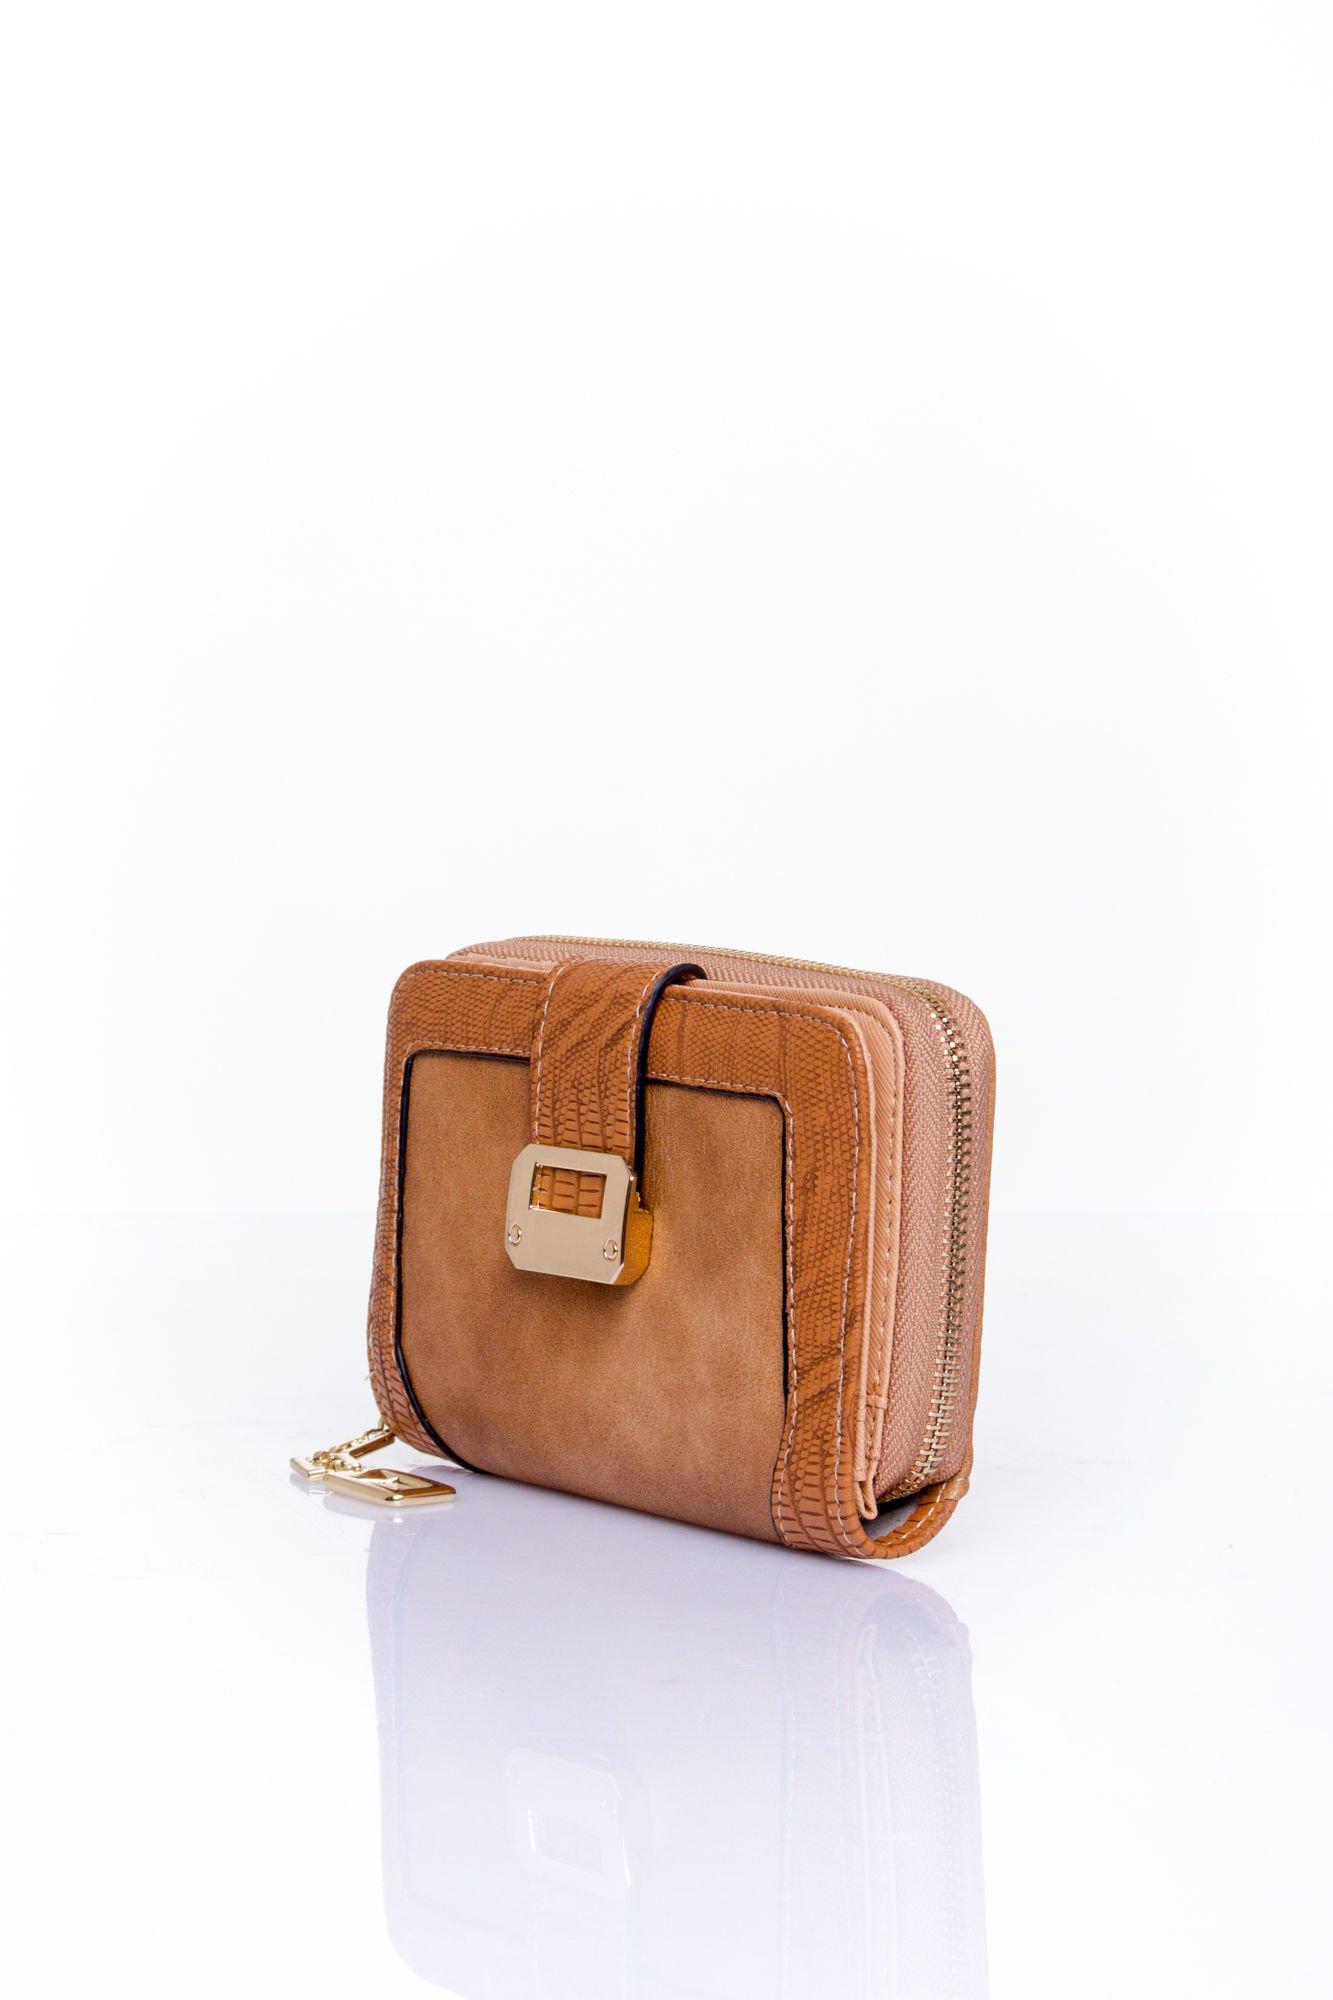 Brązowy portfel z ozdobną złotą klamrą                                  zdj.                                  3